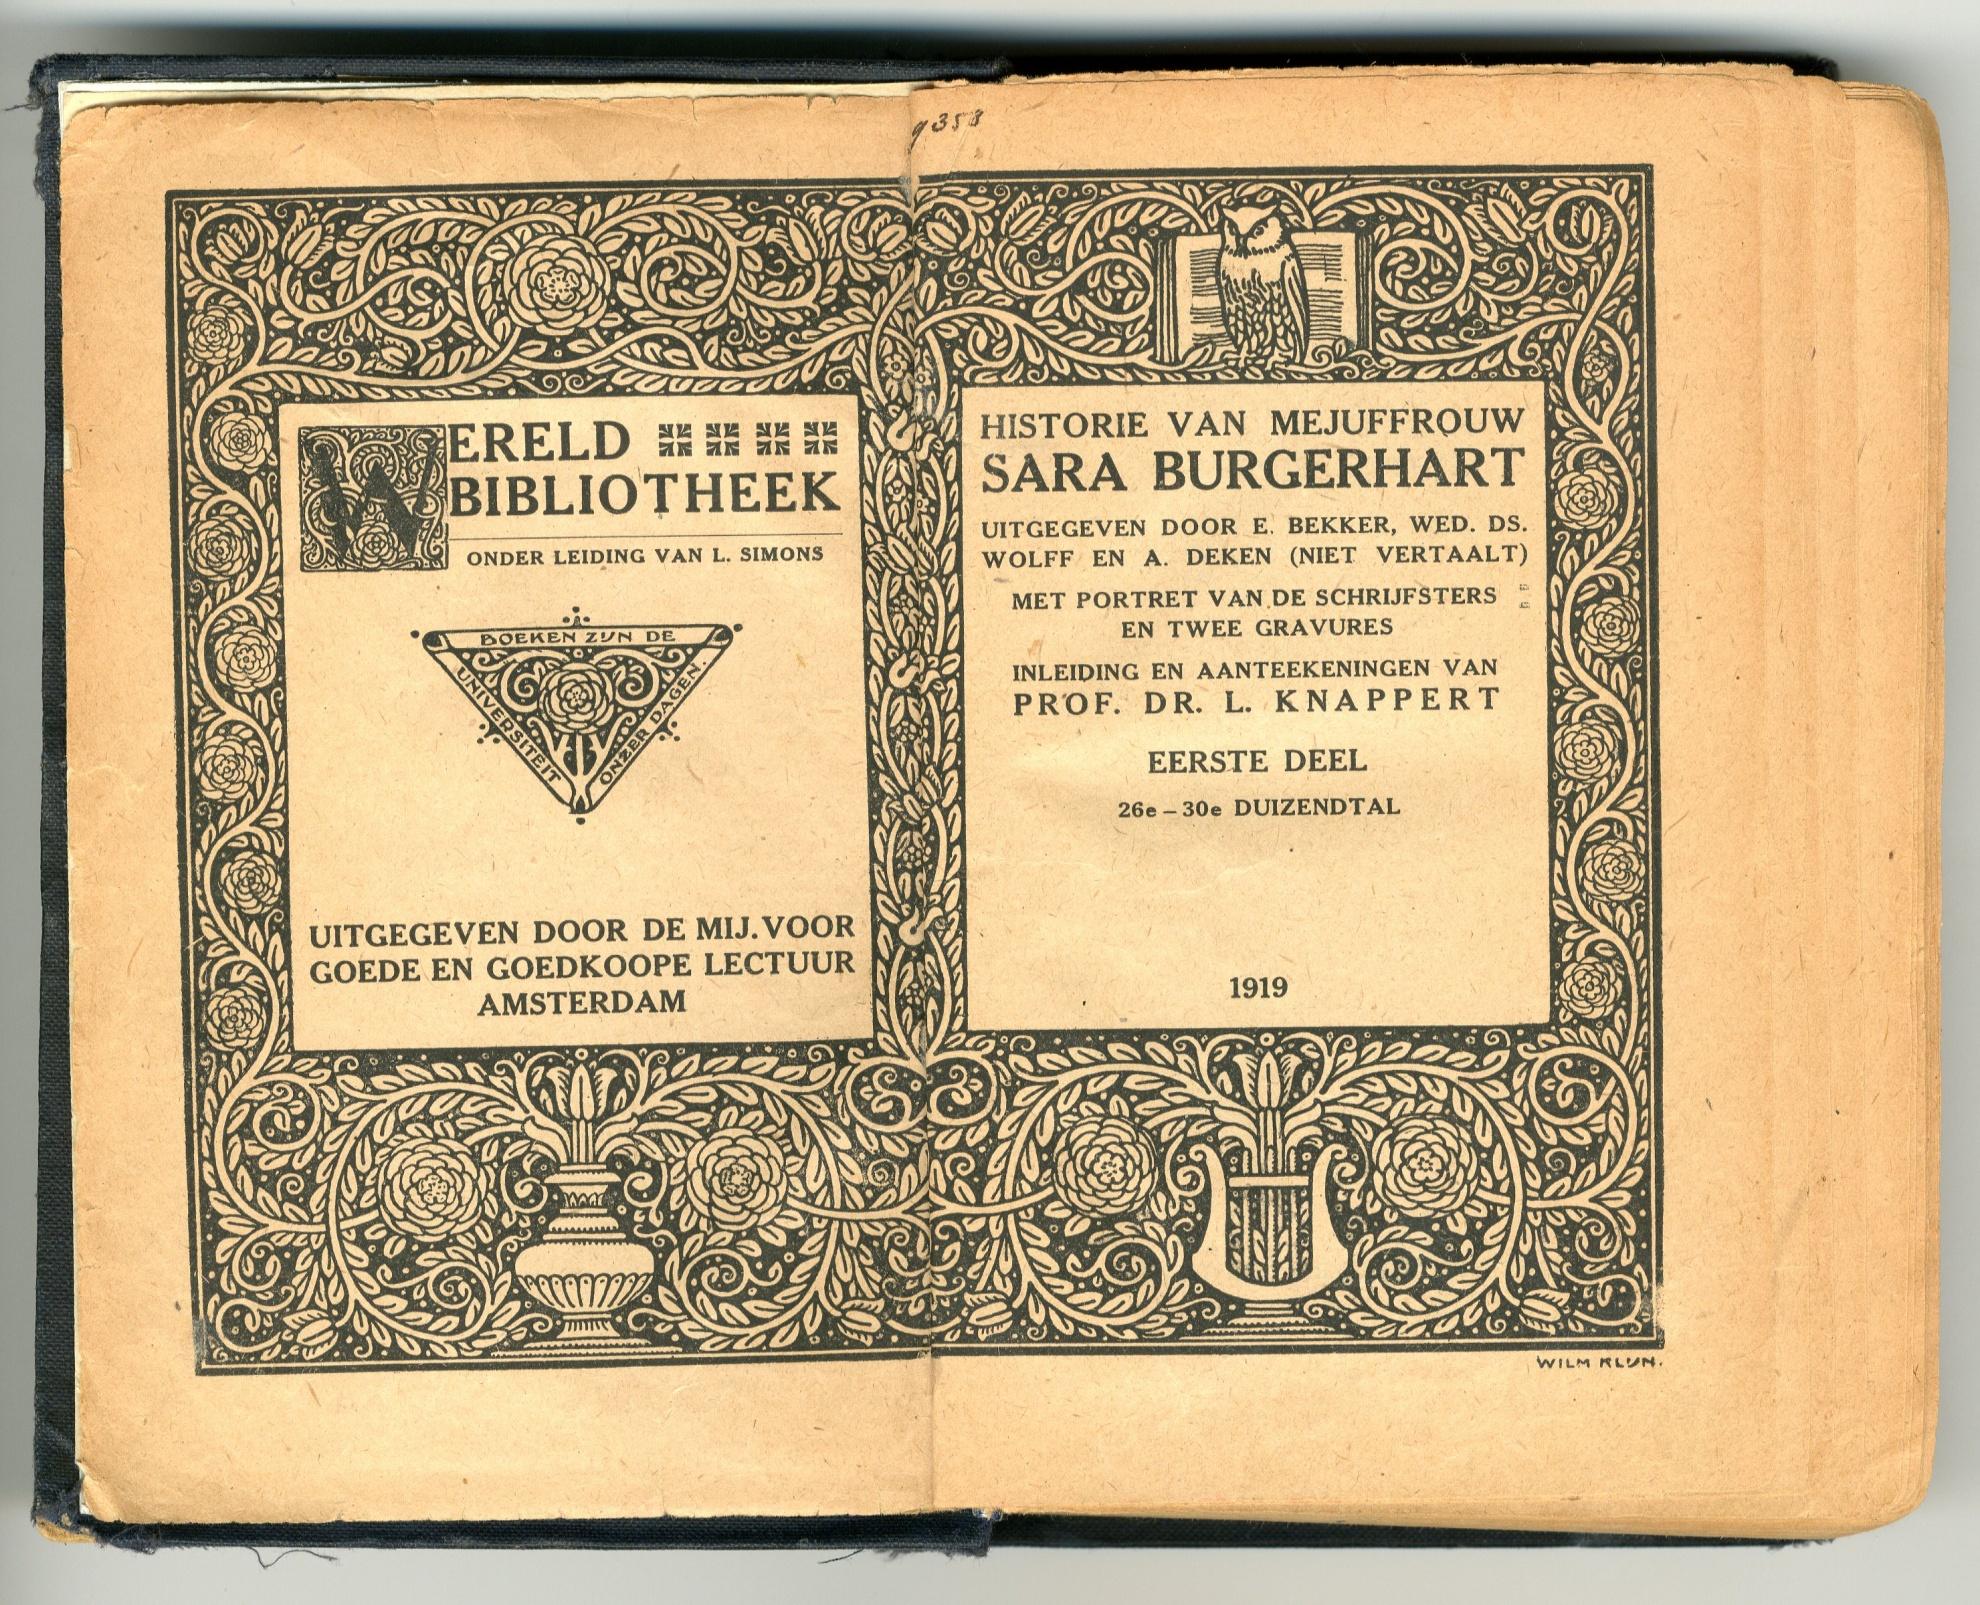 Betje Wolff en Aagje Deken - Literatuurmuseum